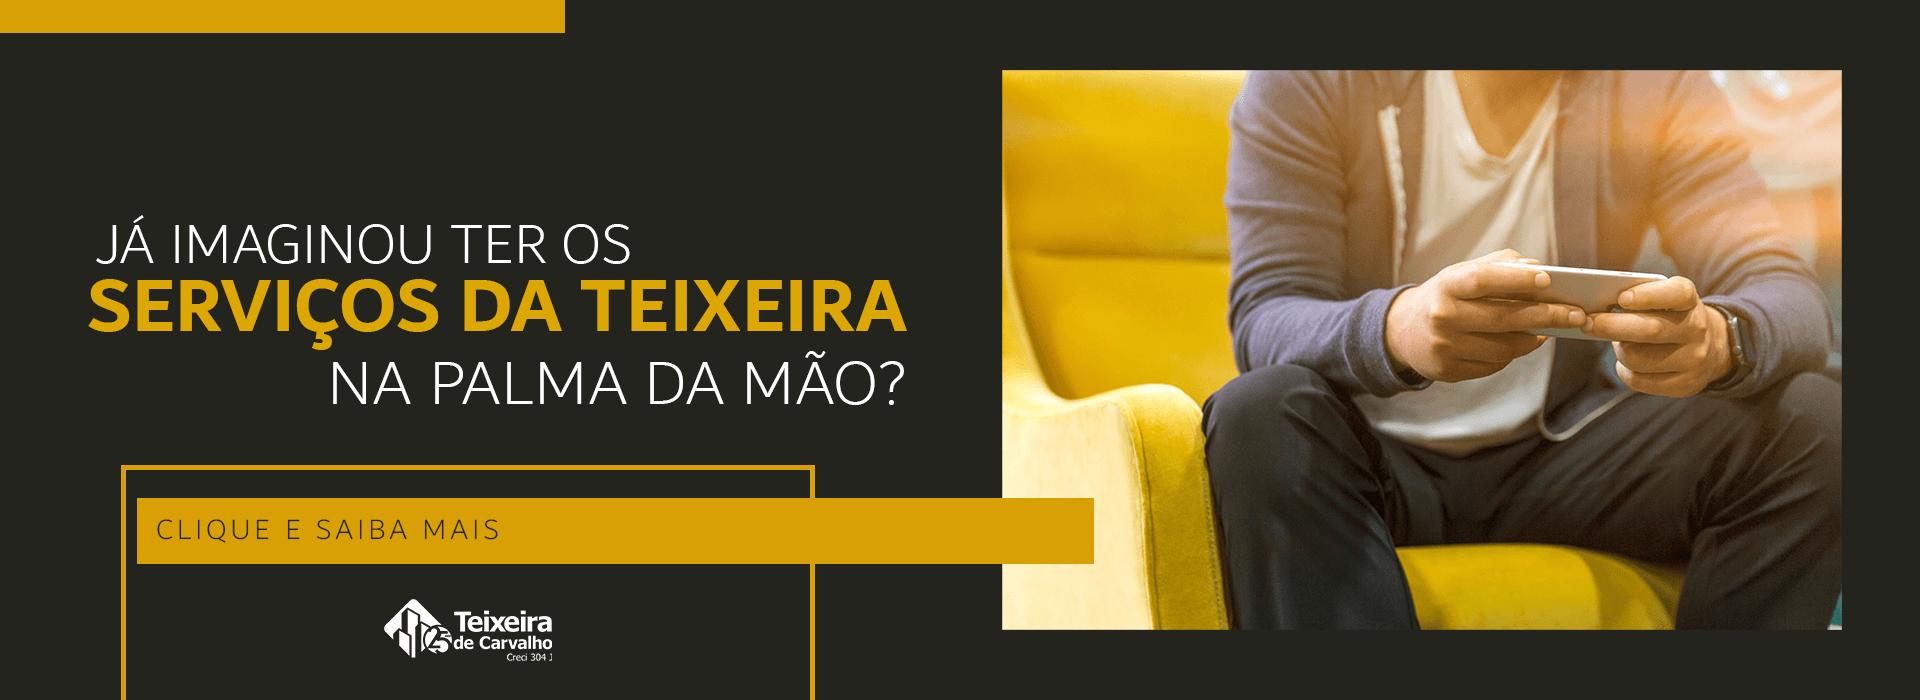 Aplicativo da Teixeira